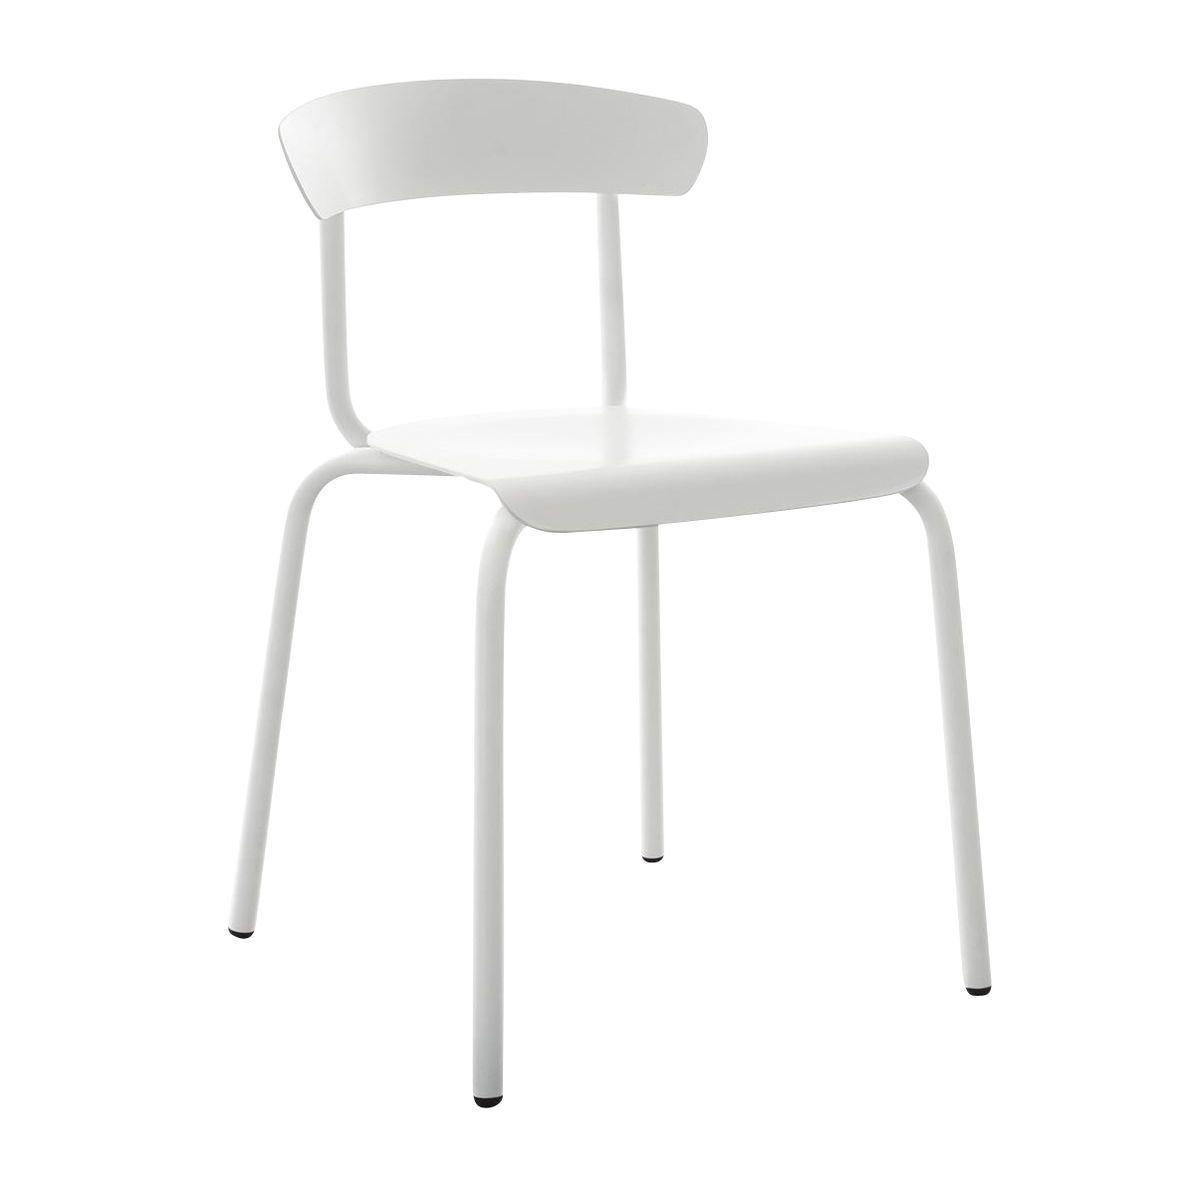 alu mito chaise de jardin conmoto. Black Bedroom Furniture Sets. Home Design Ideas